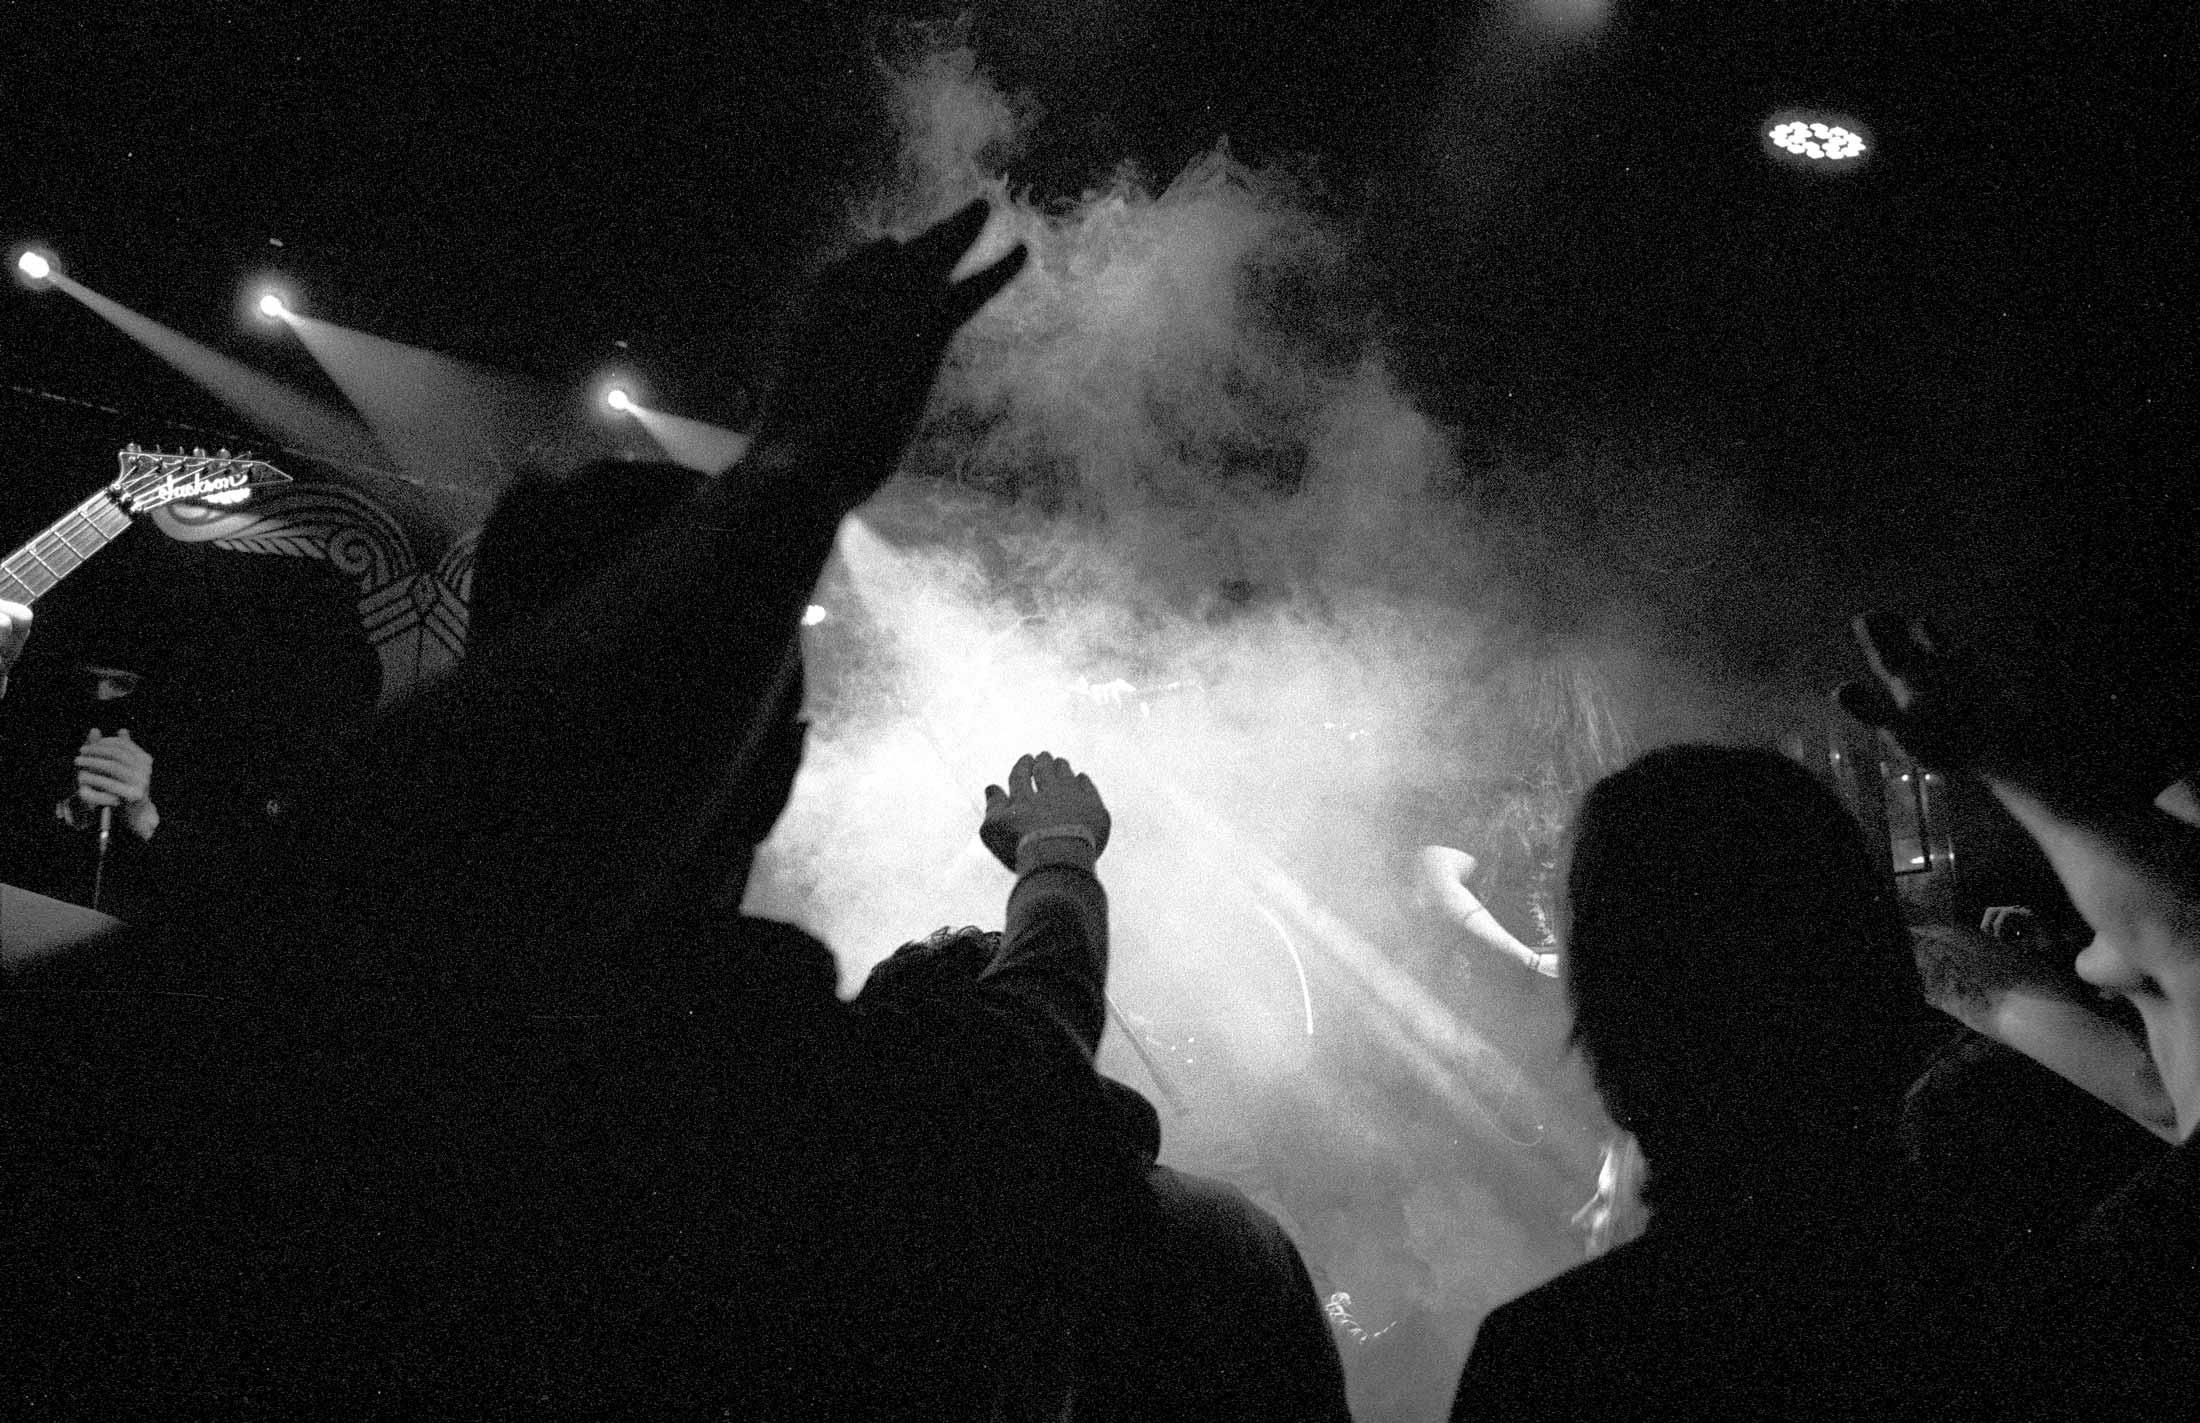 2020 12 15 0067 web - <b>«Молот Гітлера» в колишньому гей-клубі.</b> Фоторепортаж Заборони з поясненням, чому це важливо - Заборона